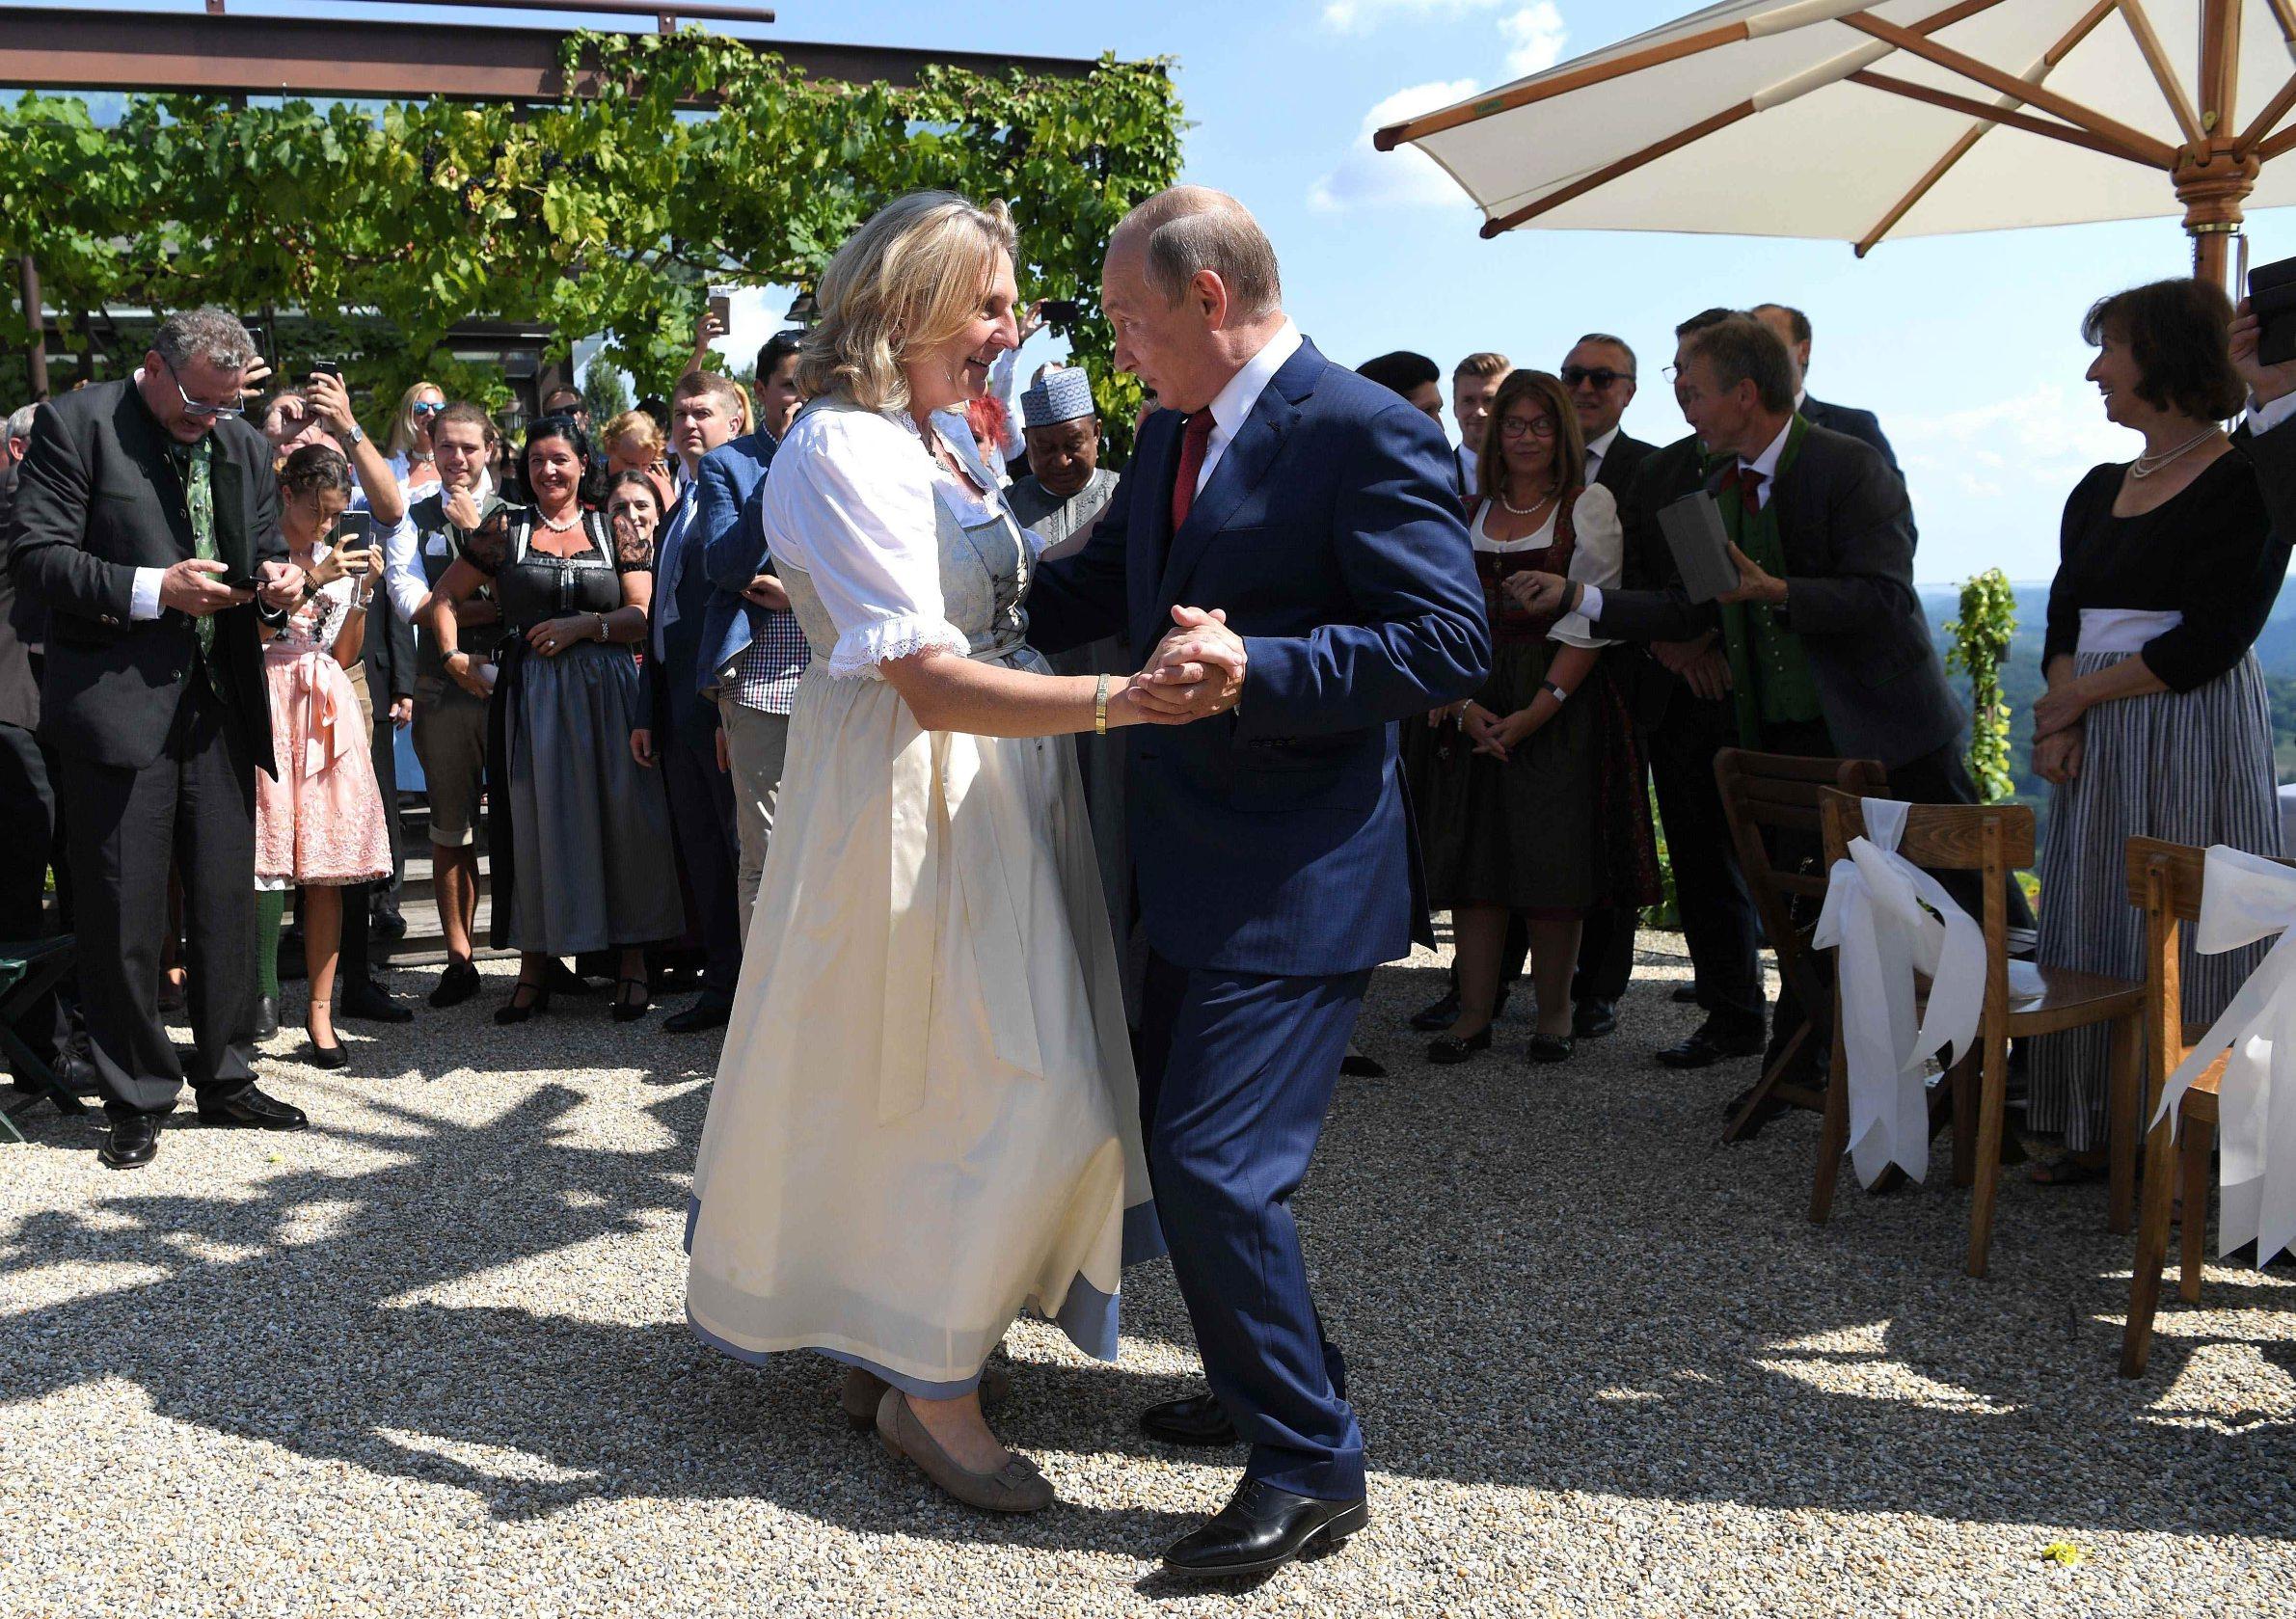 Ruski predsjednik Vladimir Putin na vjenčanju austrijske ministrice Karin Kneissl koja je na taj položaj došla uz podrški Heinz-Christiana Strachea